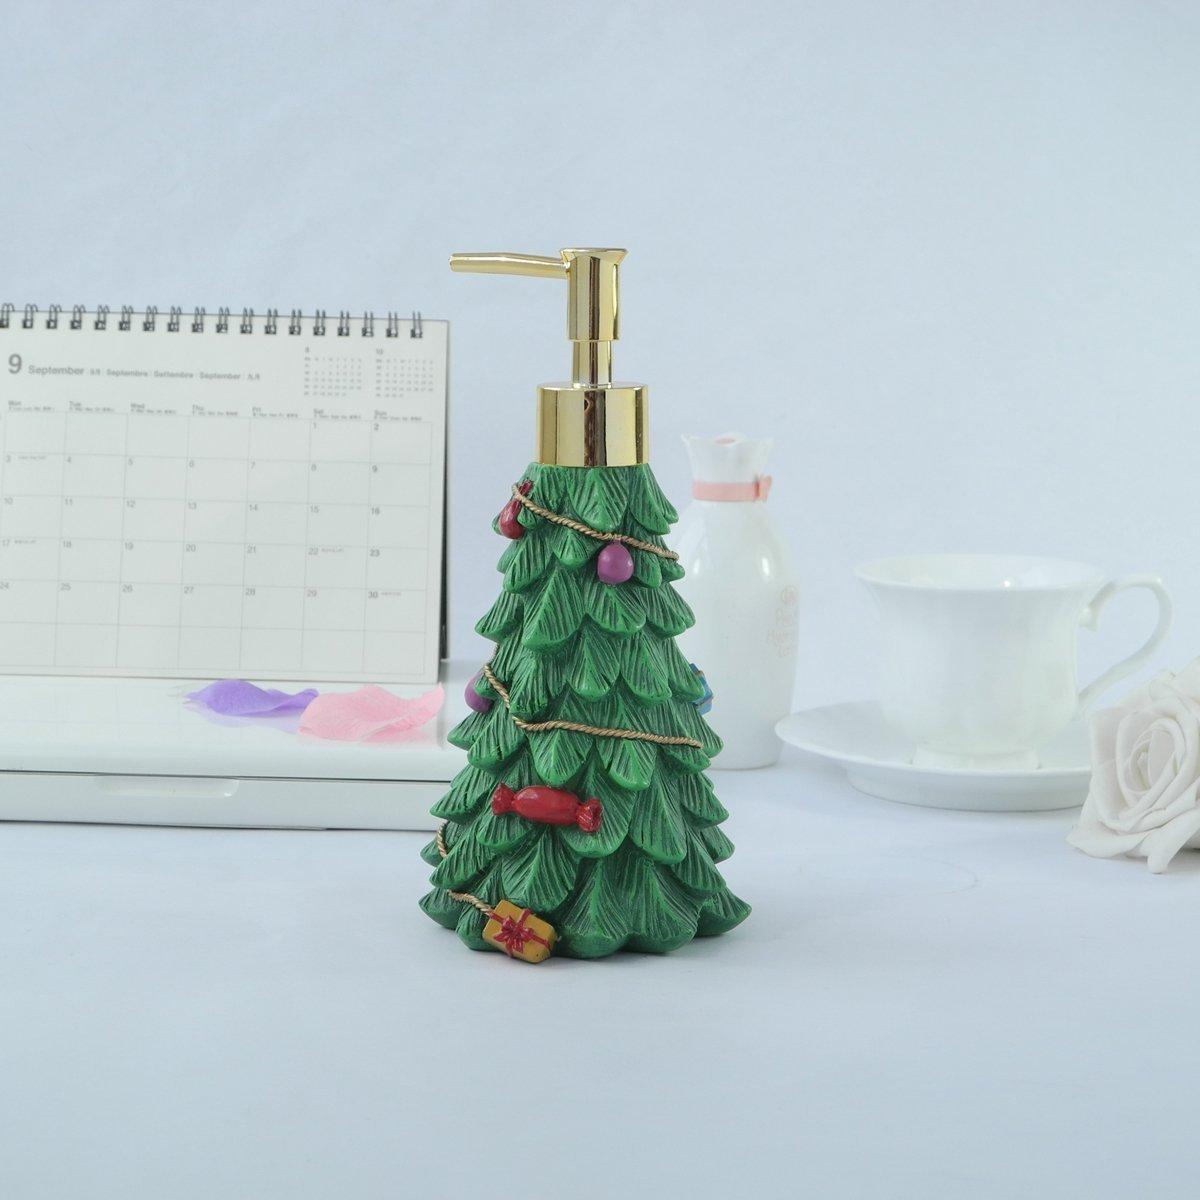 Dispensador de jabón de baño Dream árbol de Navidad/dispensador de loción capilar: Amazon.es: Hogar